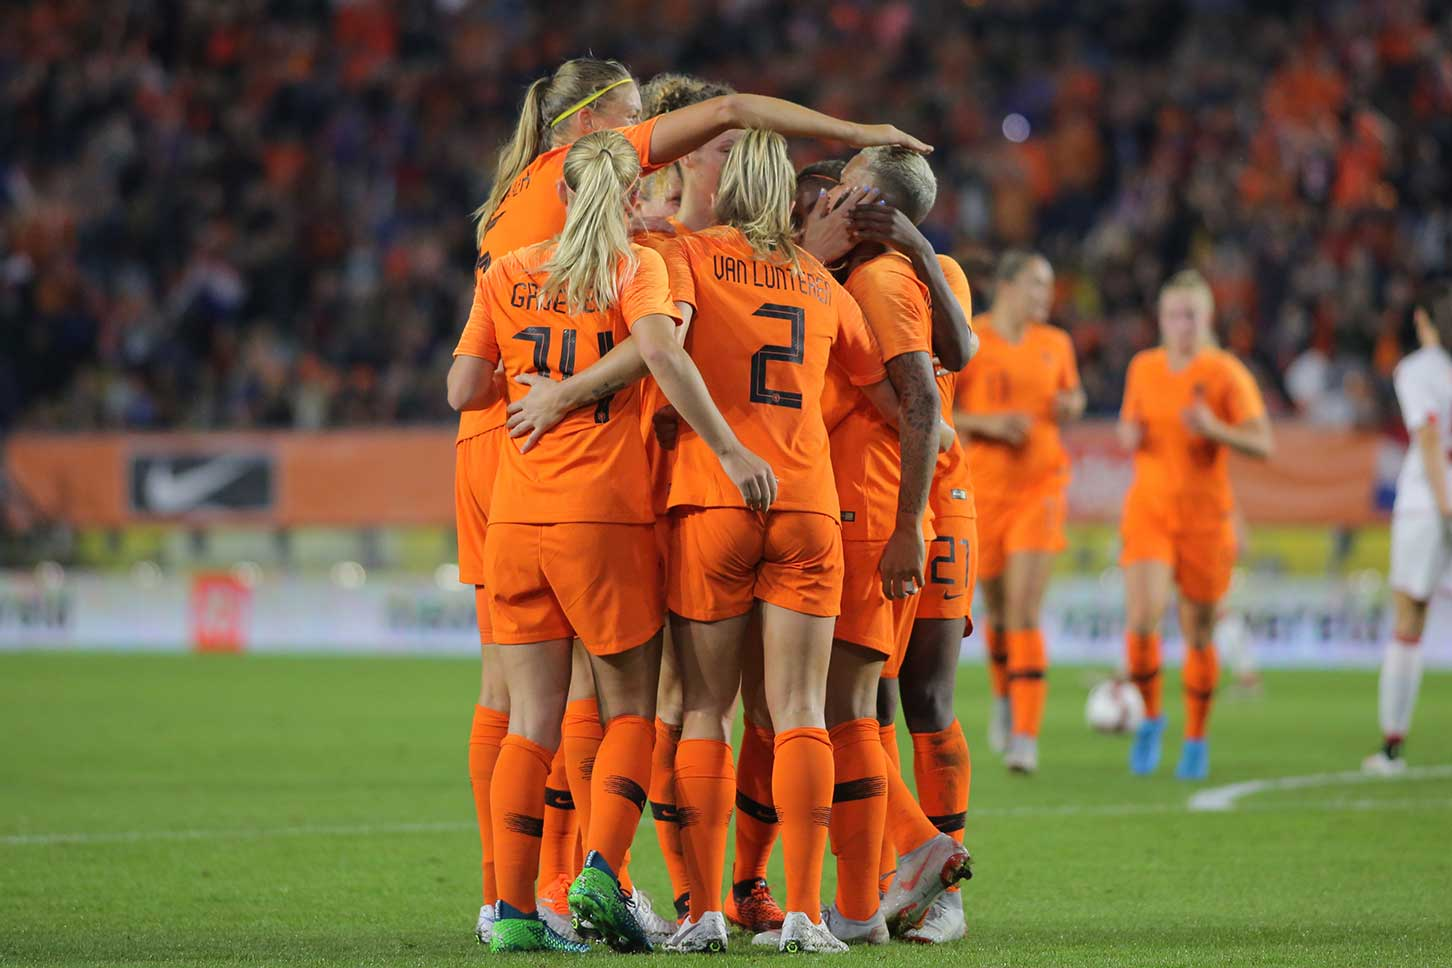 Voetbalvrouwen web